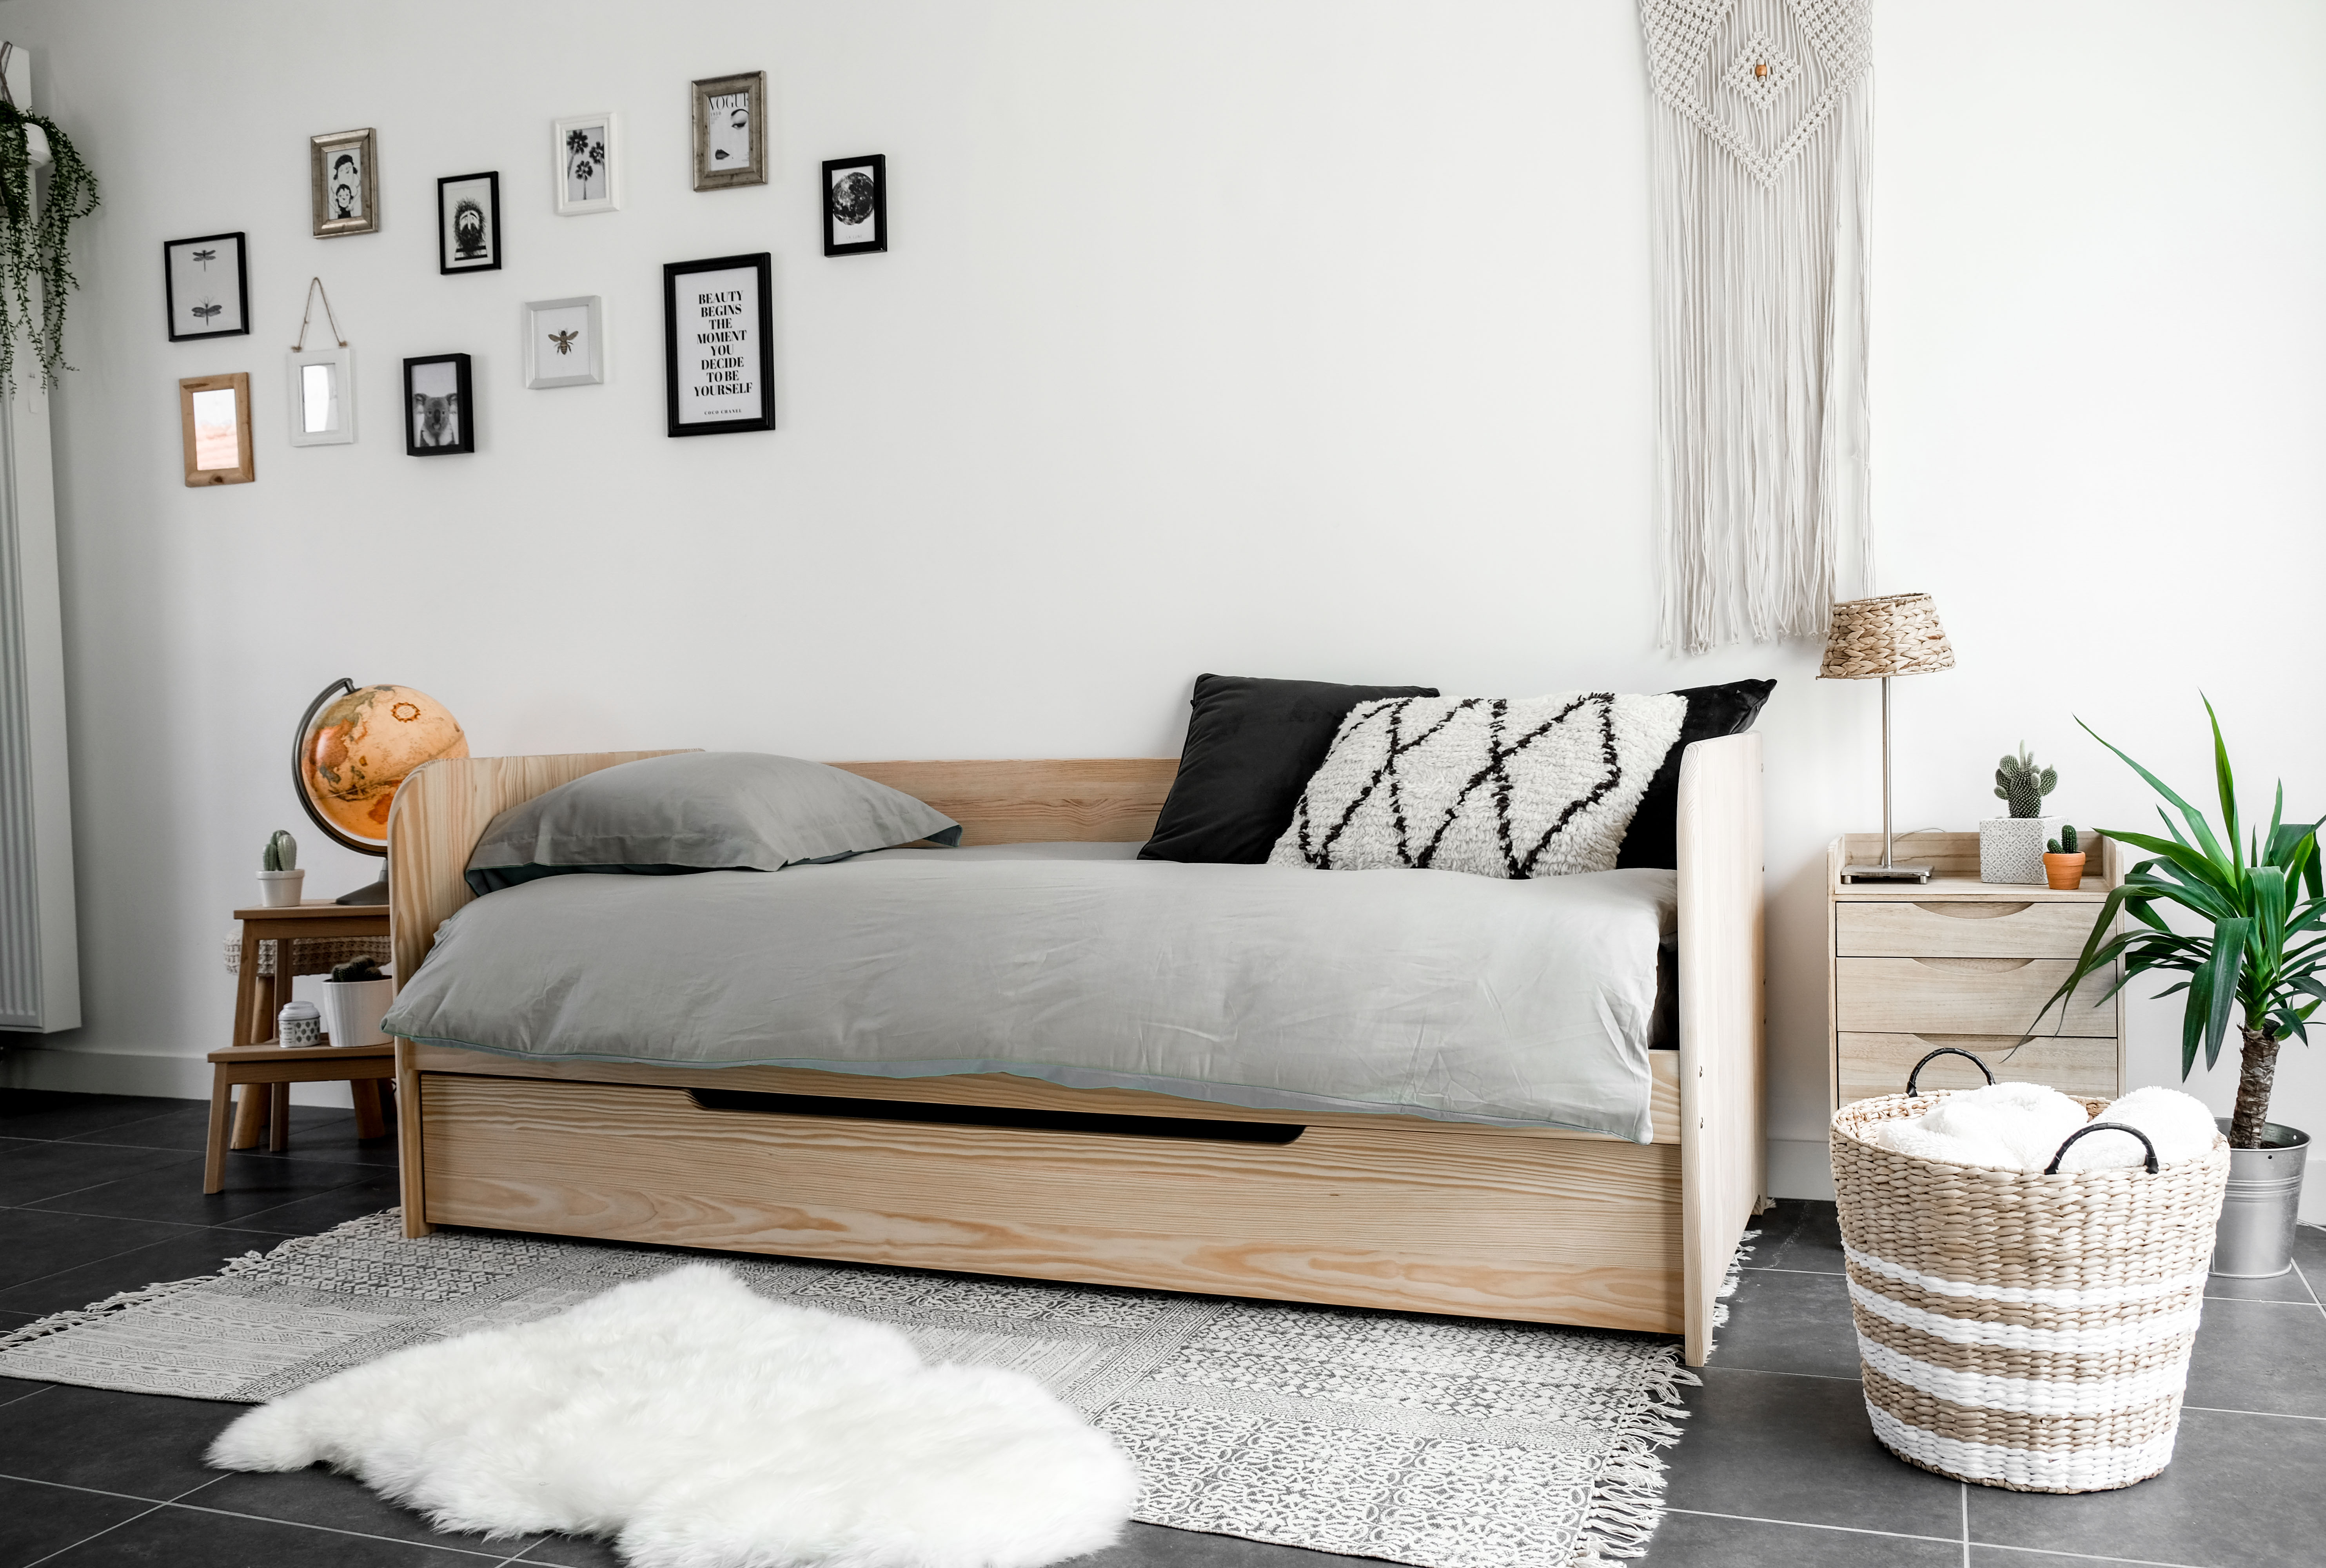 Deco Chambre Ami Bureau comment optimiser l'espace dans une petite chambre? | cocon